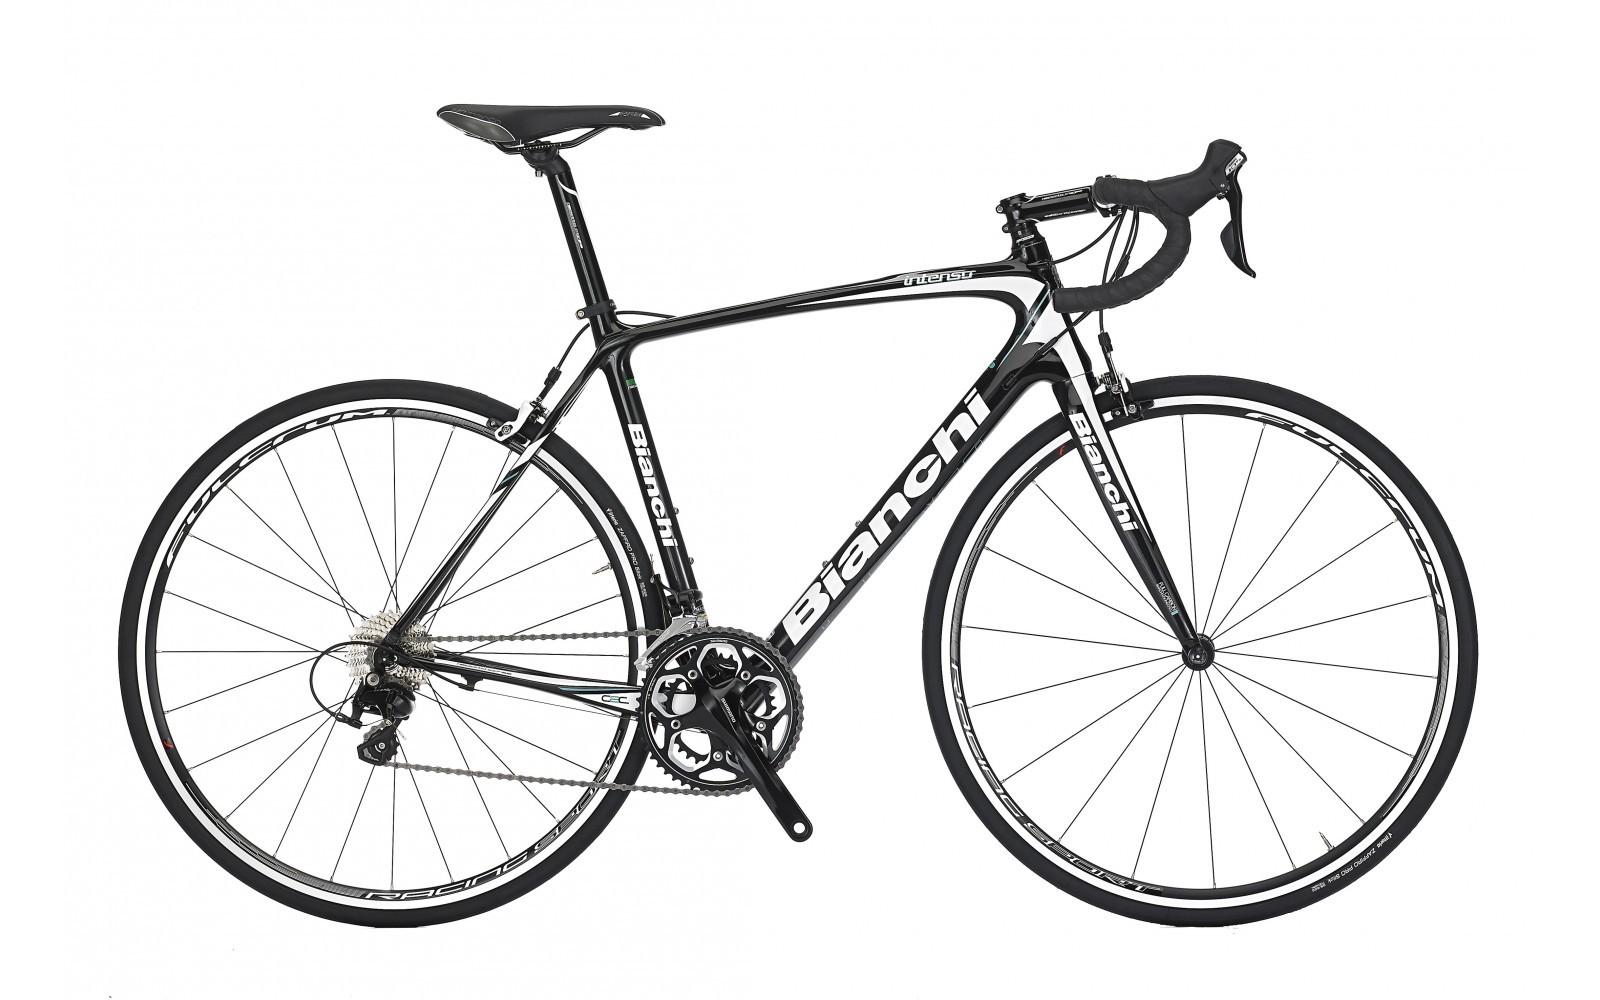 VTT ou vélo de route : des modèles bien différents